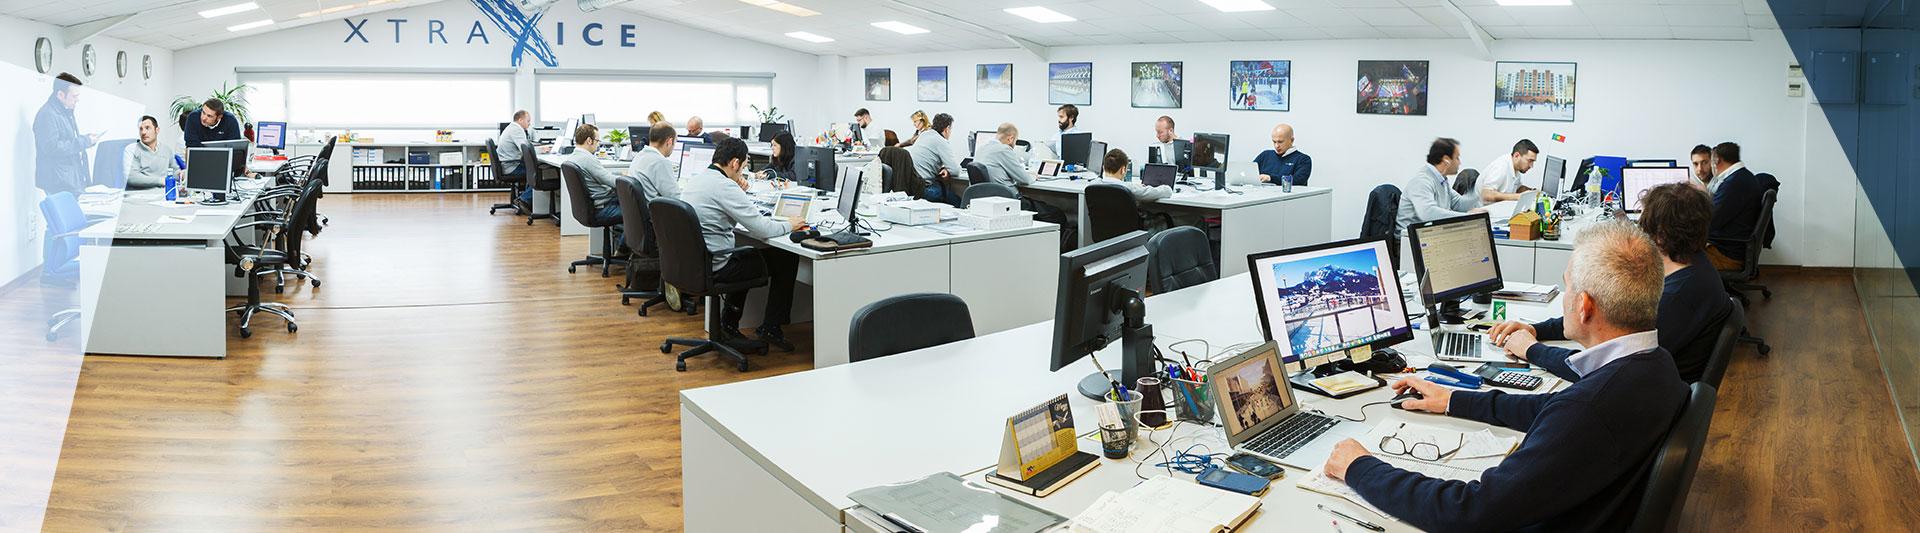 Op kantoor van Xtraice werken 20 verschillende nationaliteiten